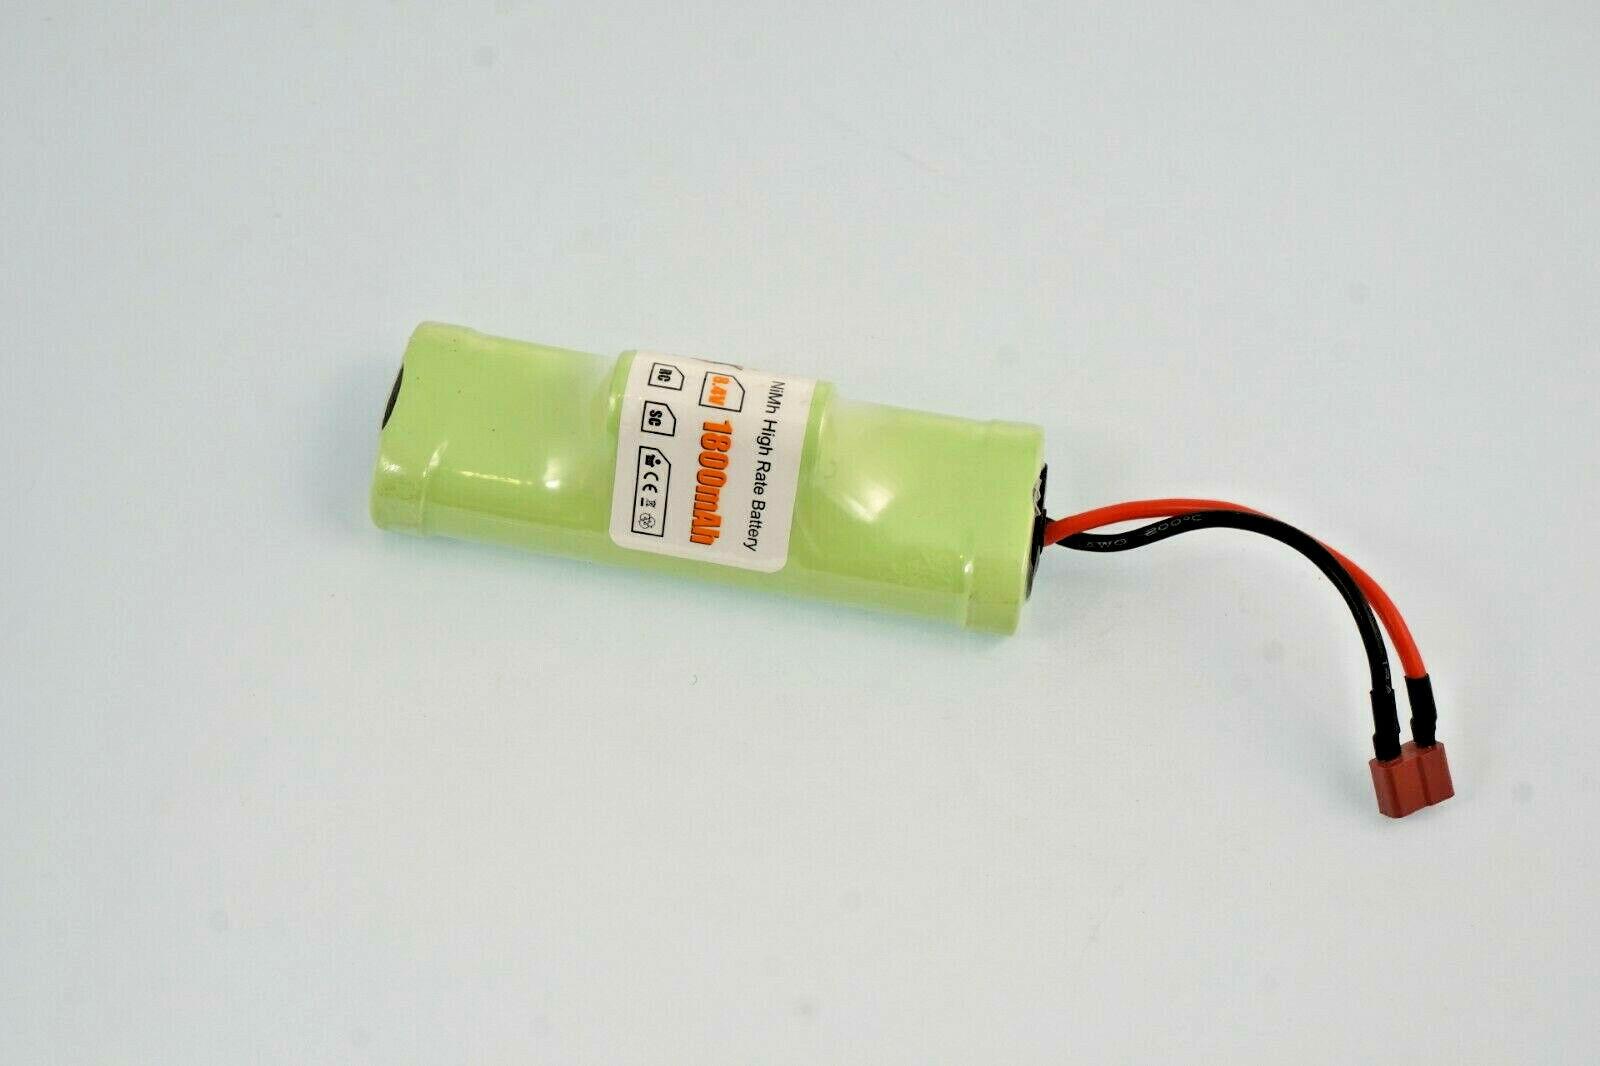 Dhk Battery 8.4V 1800mAh Nimh Modelling